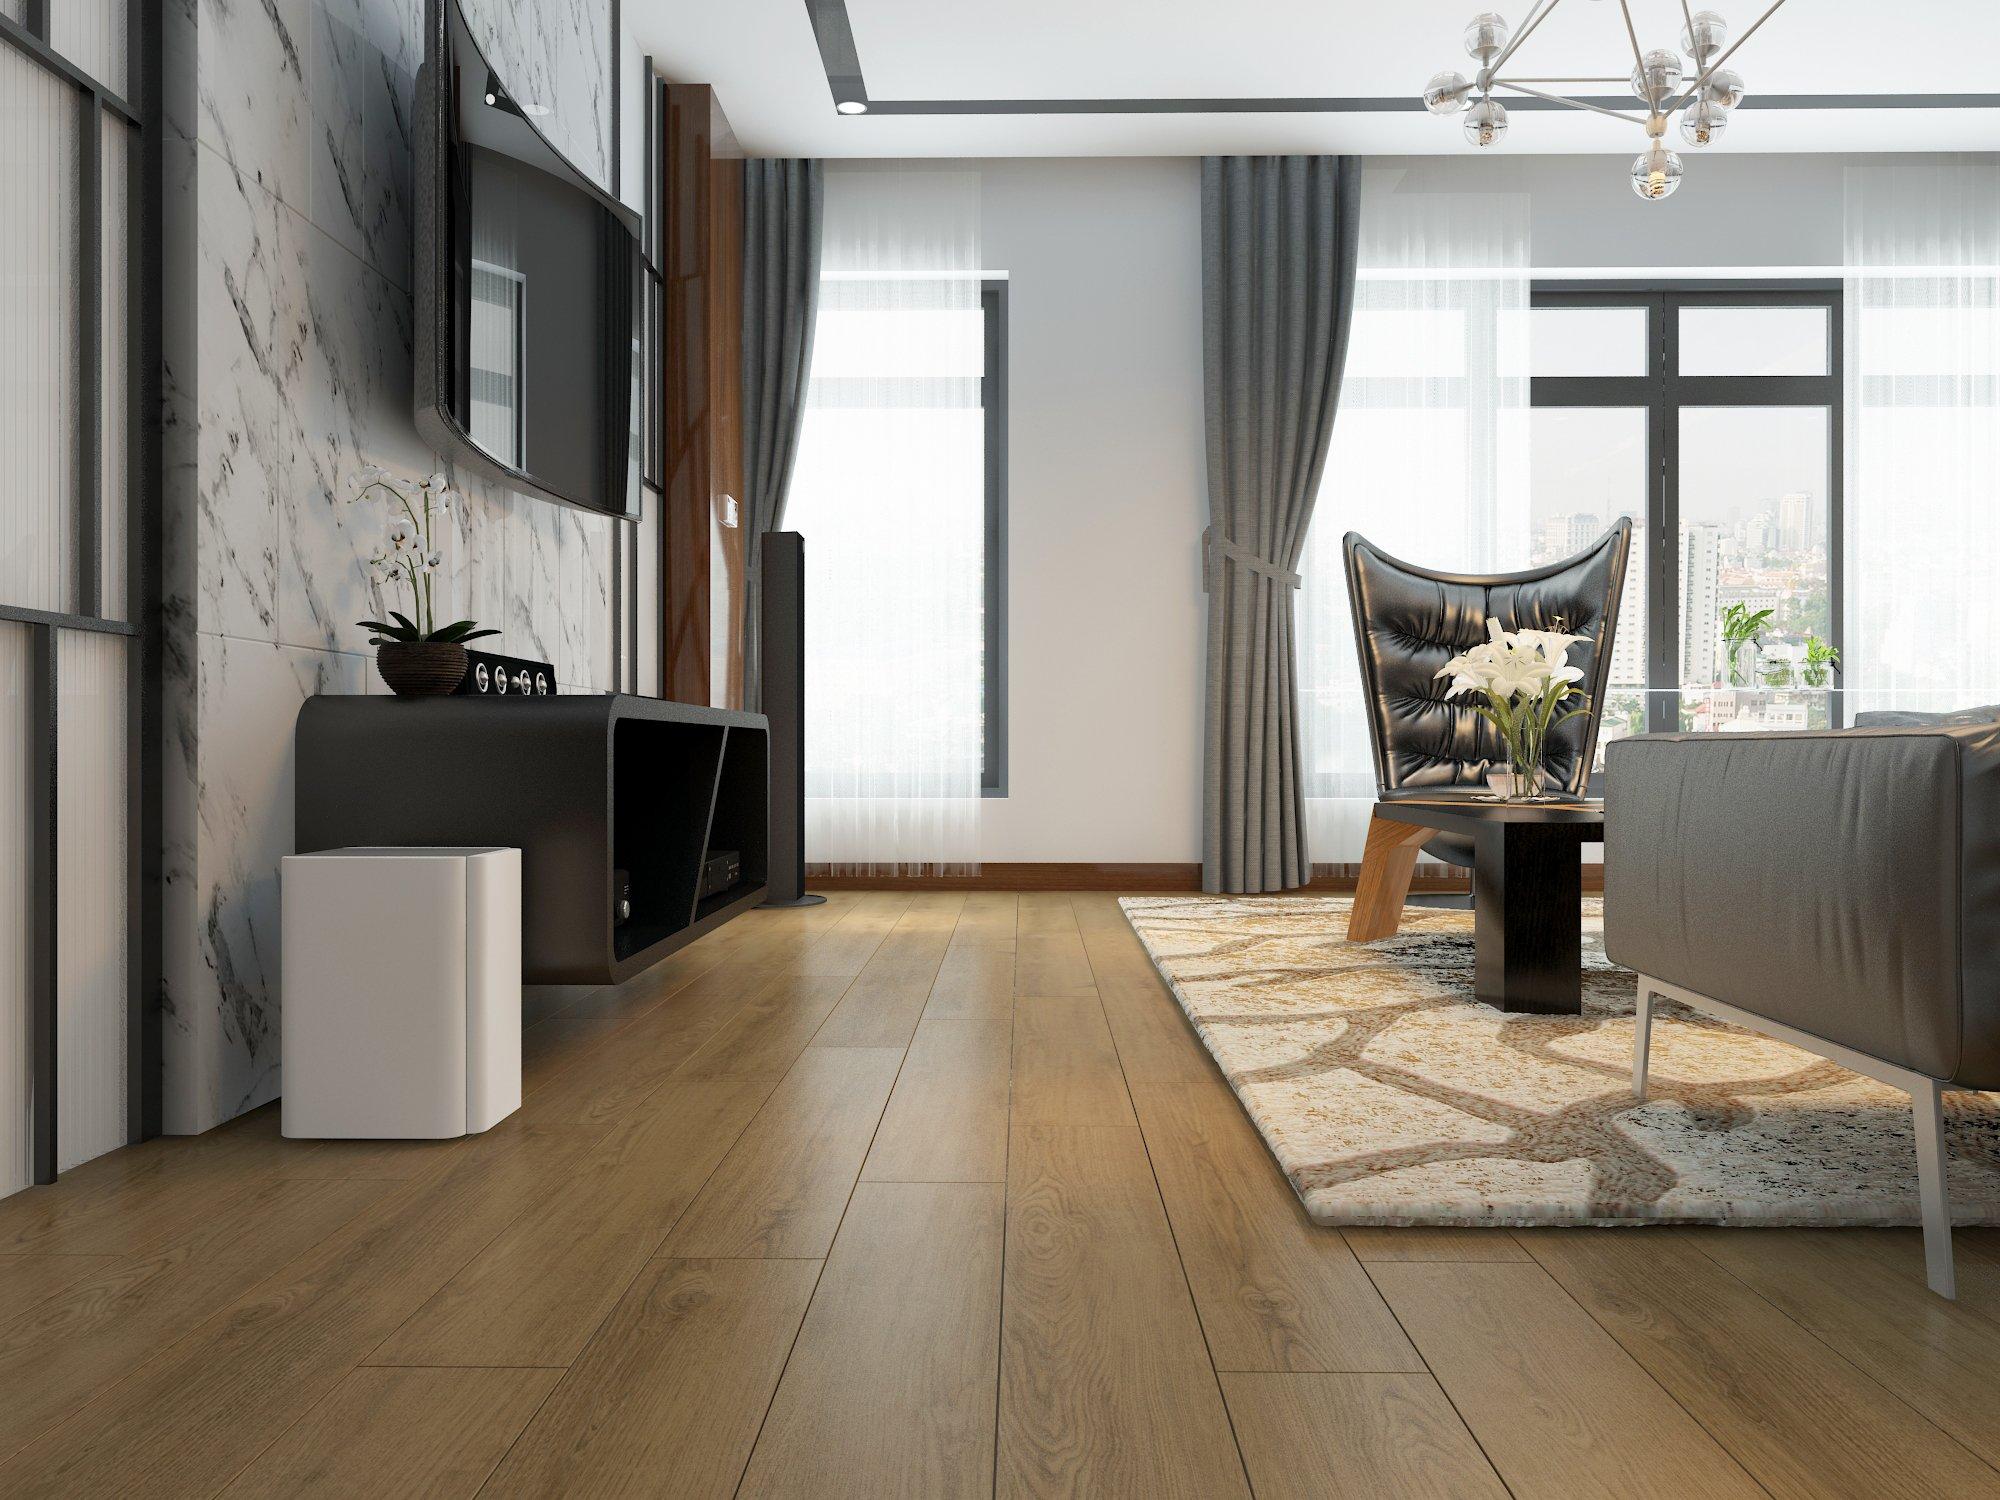 Sàn gỗ công nghiệp được làm từ các lớp gỗ được ép lại với nhau ở nhiệt độ cao